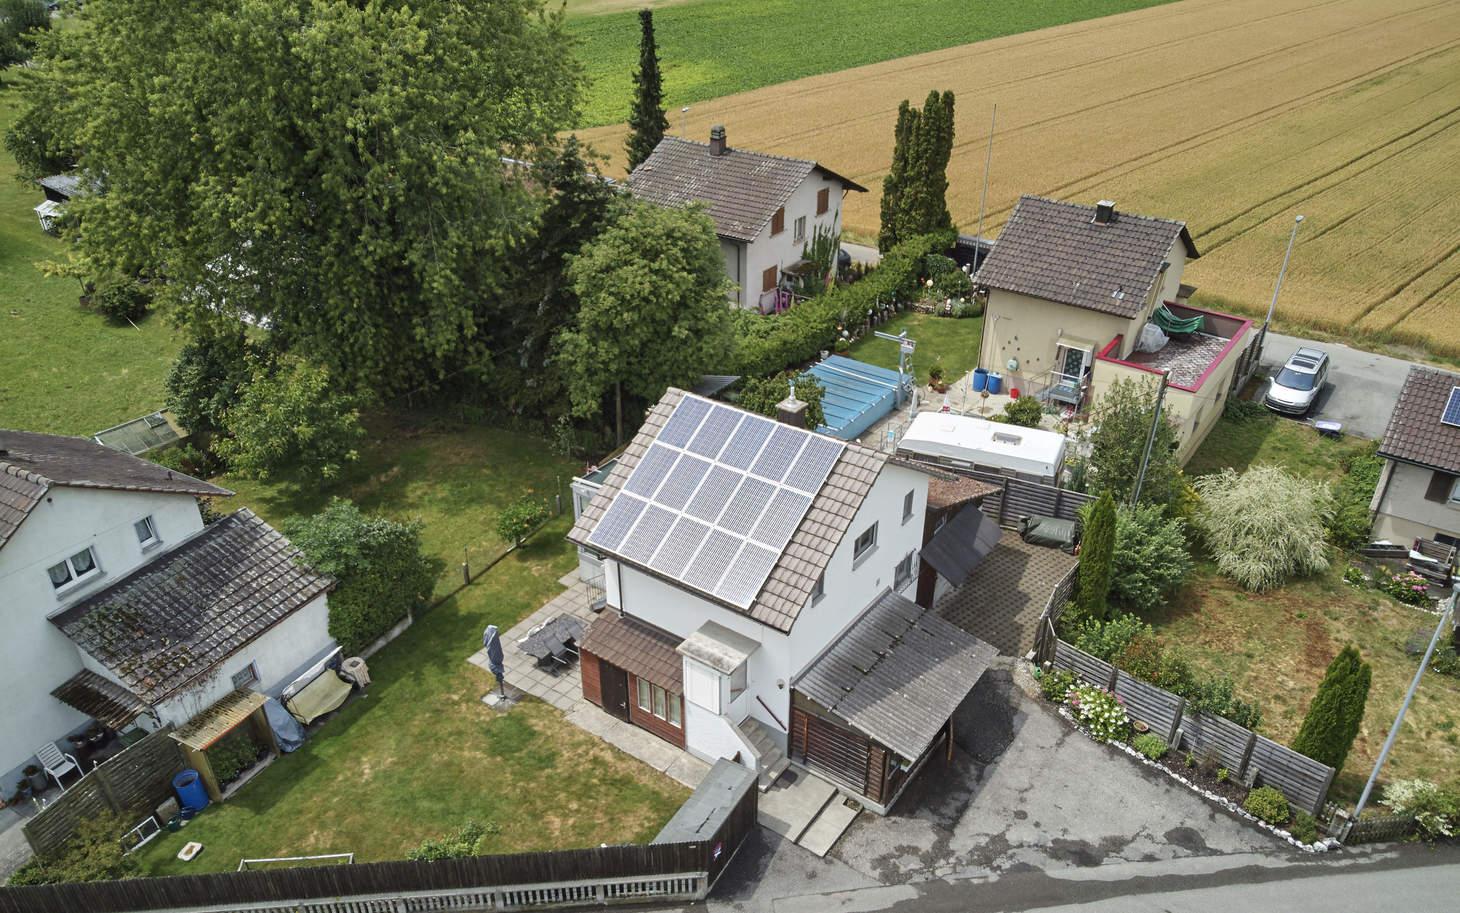 Luftaufnahme von einem Haus mit einer Photovoltaik-Anlage